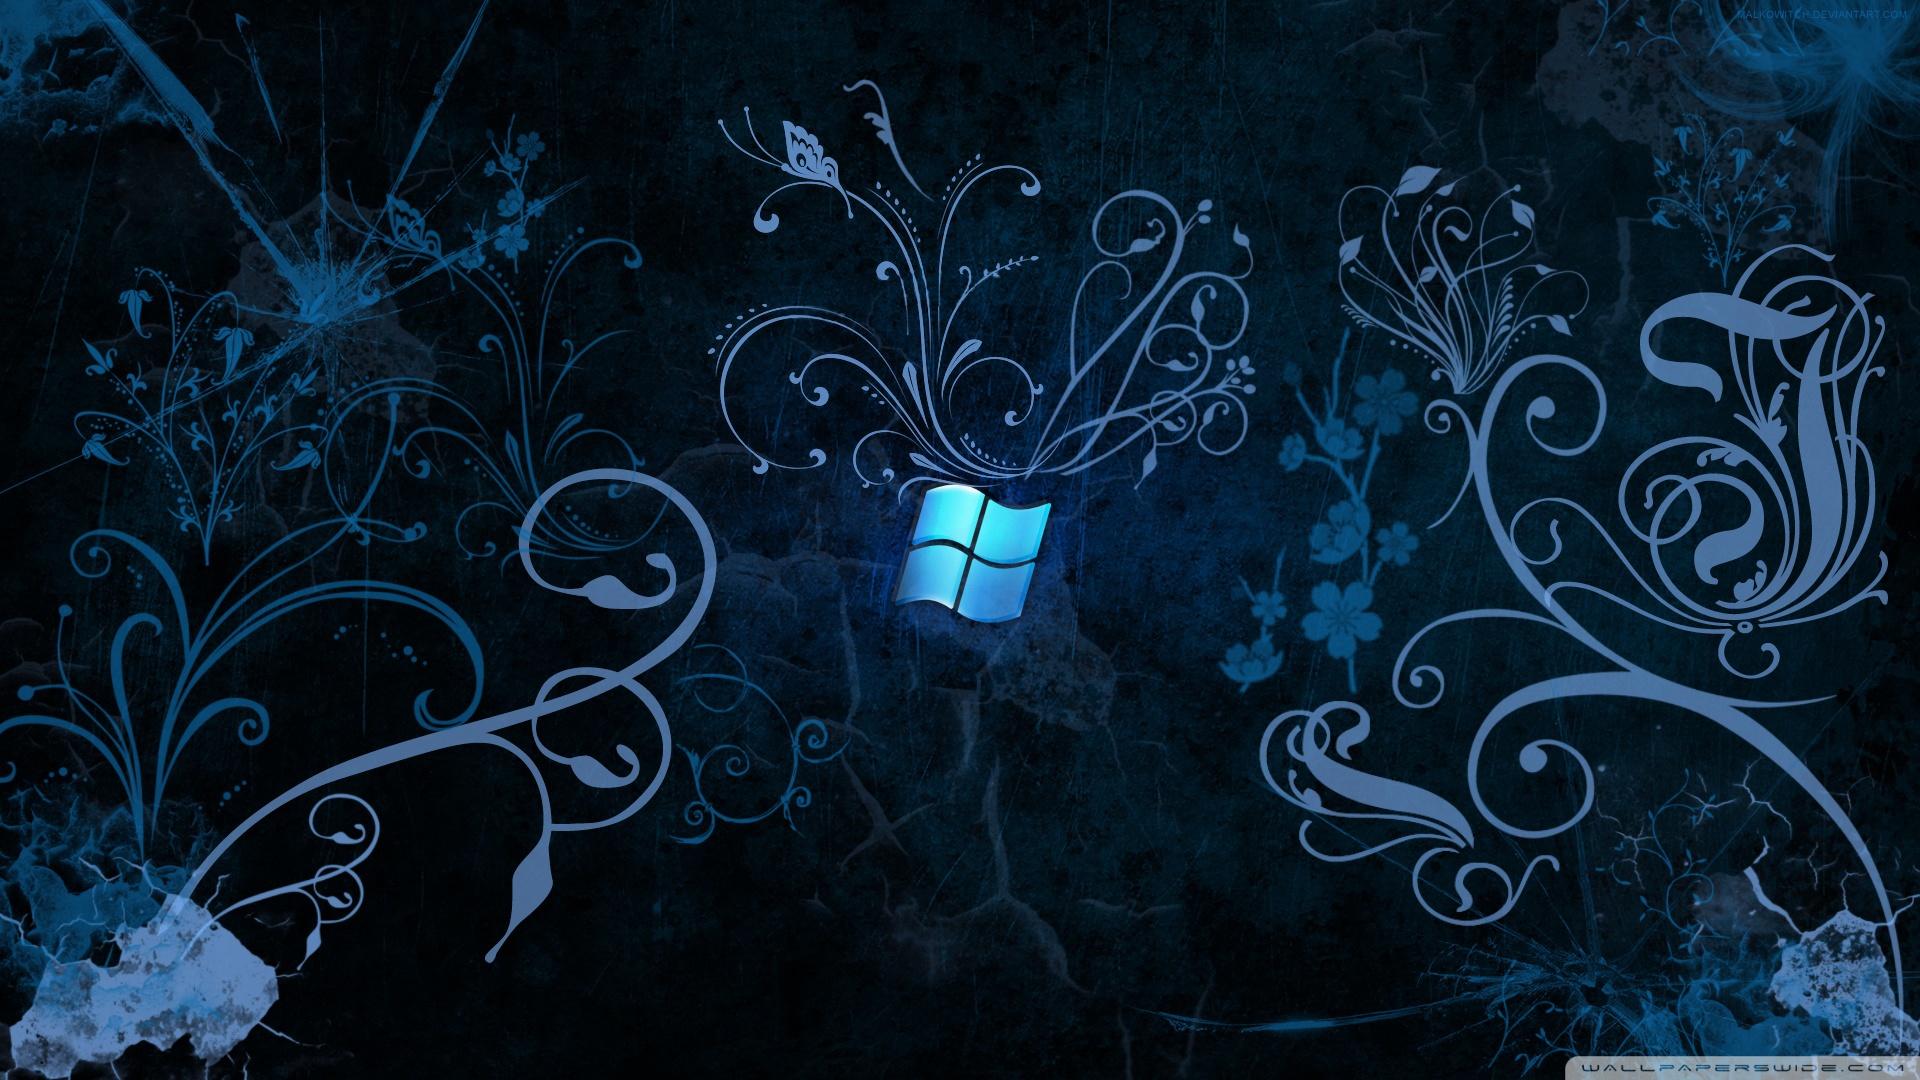 Hp Live Wallpaper Windows 81 Wallpapersafari